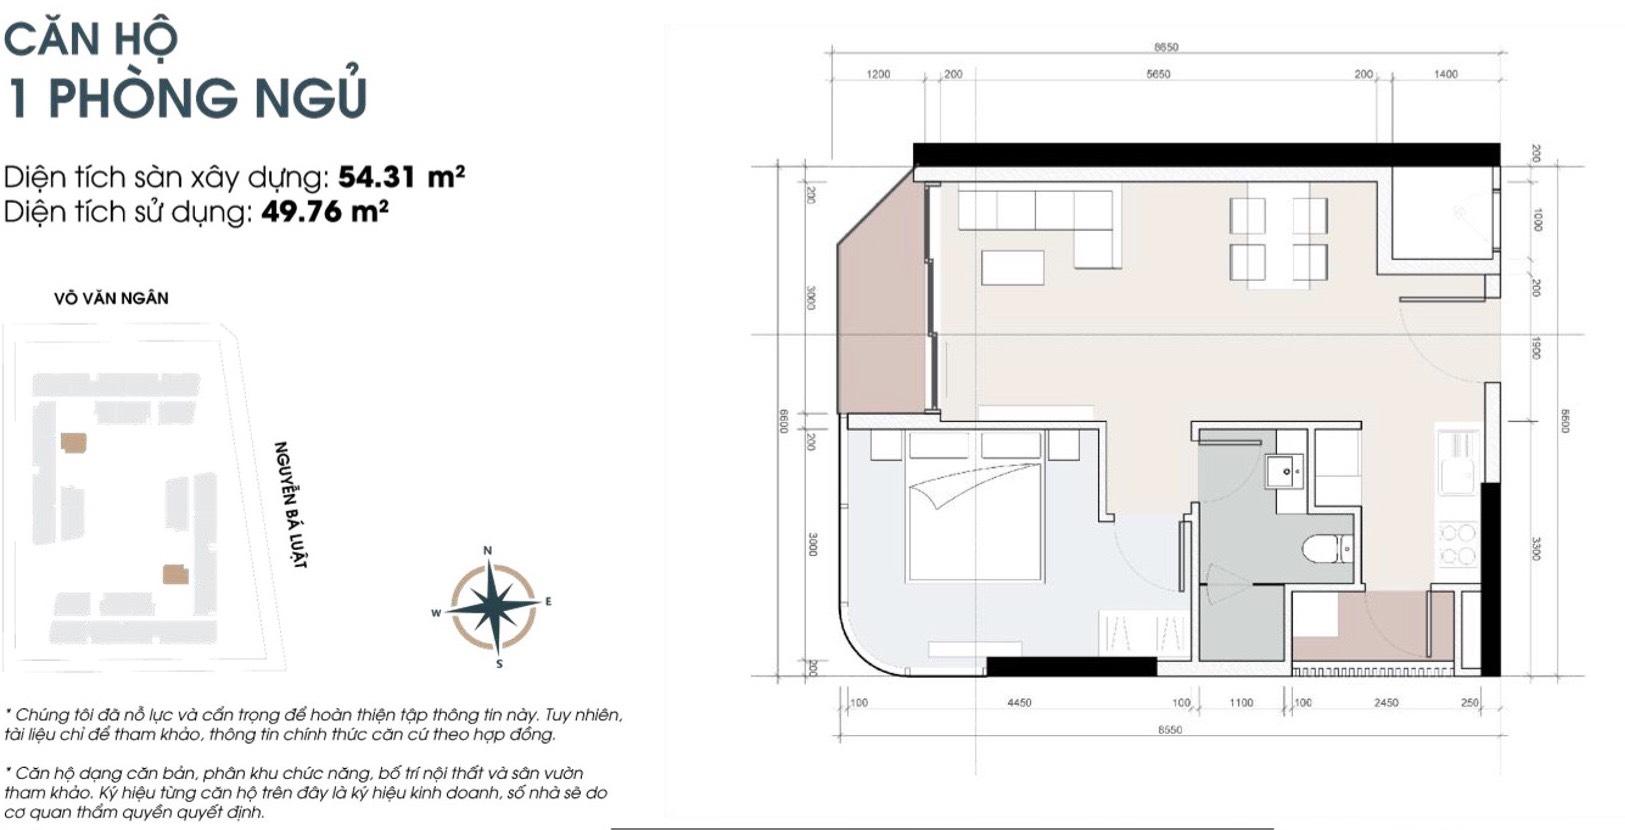 Thiết kế căn 1 phòng ngủ 54m2 căn hộ King Crown Thủ Đức